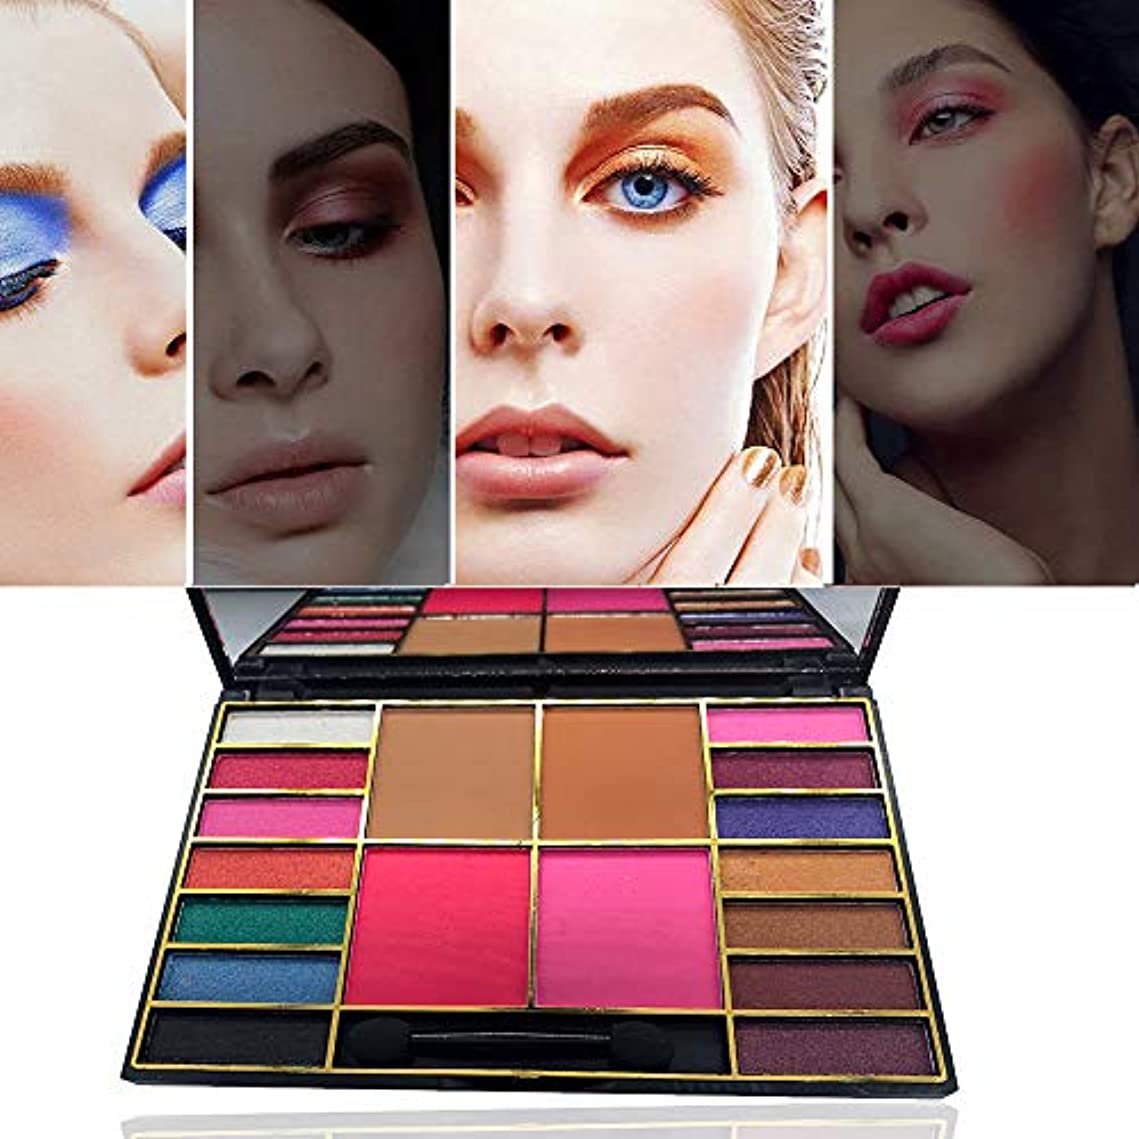 エンドテーブルフェデレーションアイデアAkane アイシャドウパレット GLAZZI 人気 ファッション 真珠光沢 つや消し 綺麗 欧米風 ゴージャス 日本人肌に合う マット 持ち便利 Eye Shadow (18色) GZ8040036B